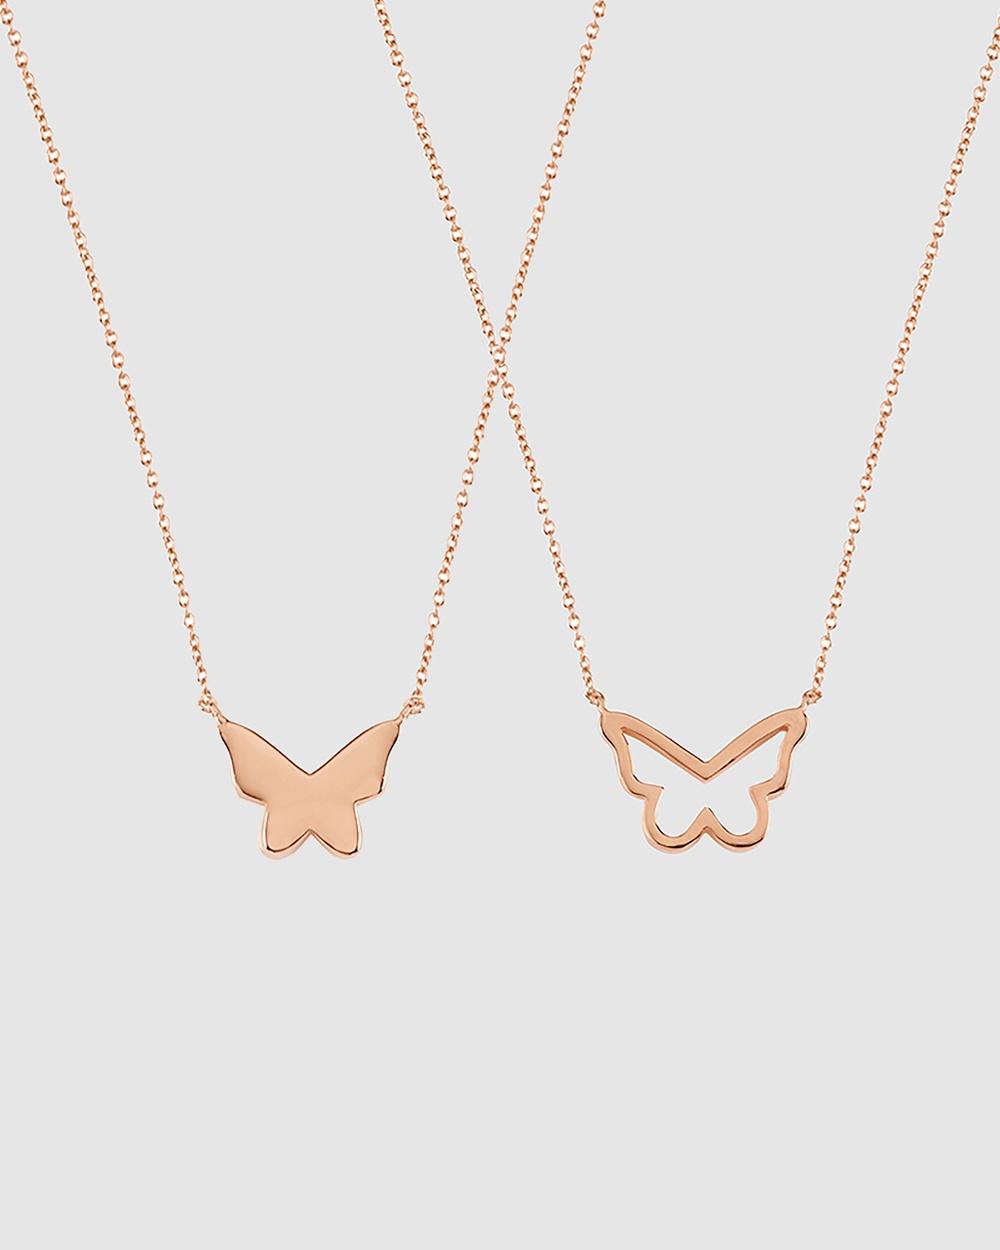 Secret Sisterhood Butterfly Friendship Necklaces Jewellery Rose Gold